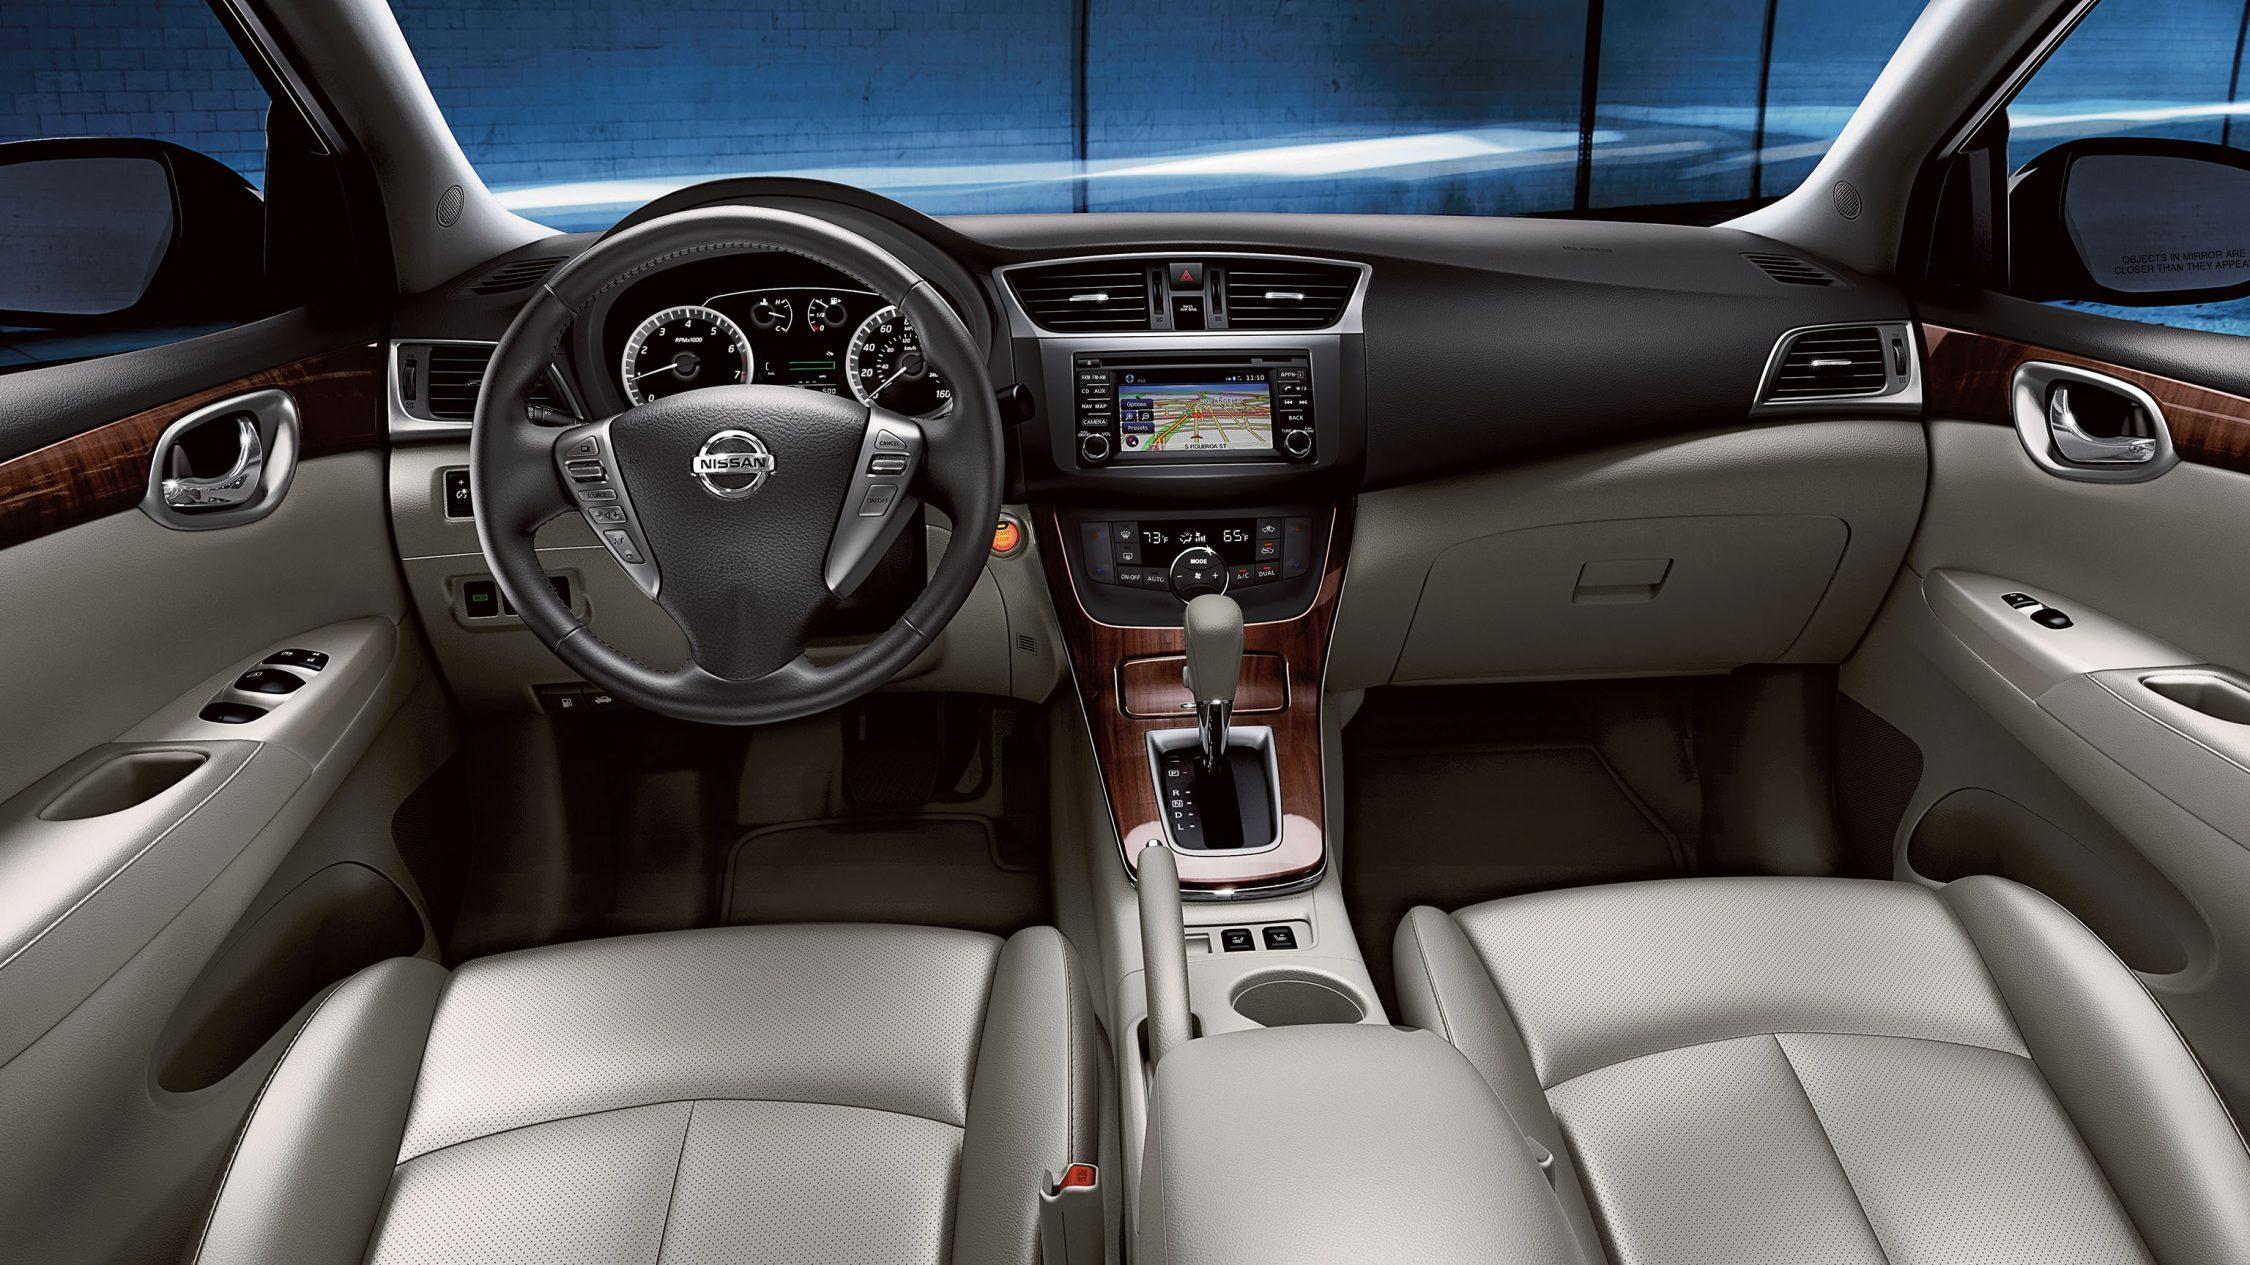 the en nissan guide car nouvelle sentra articles better meilleure price new